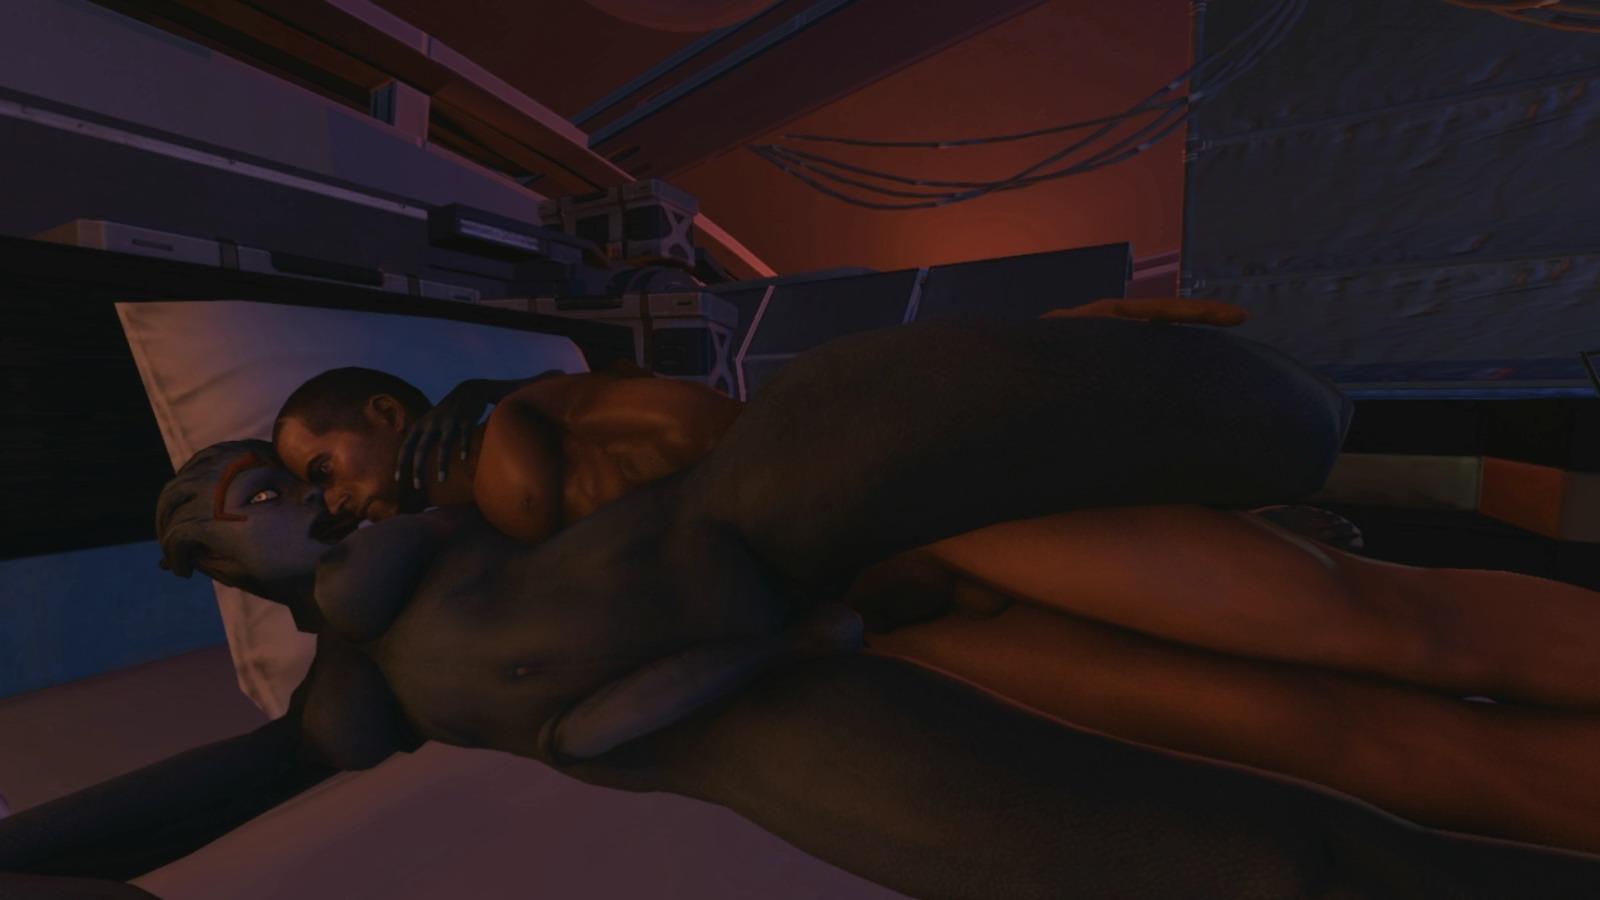 Скрытая порно в самаре 9 фотография